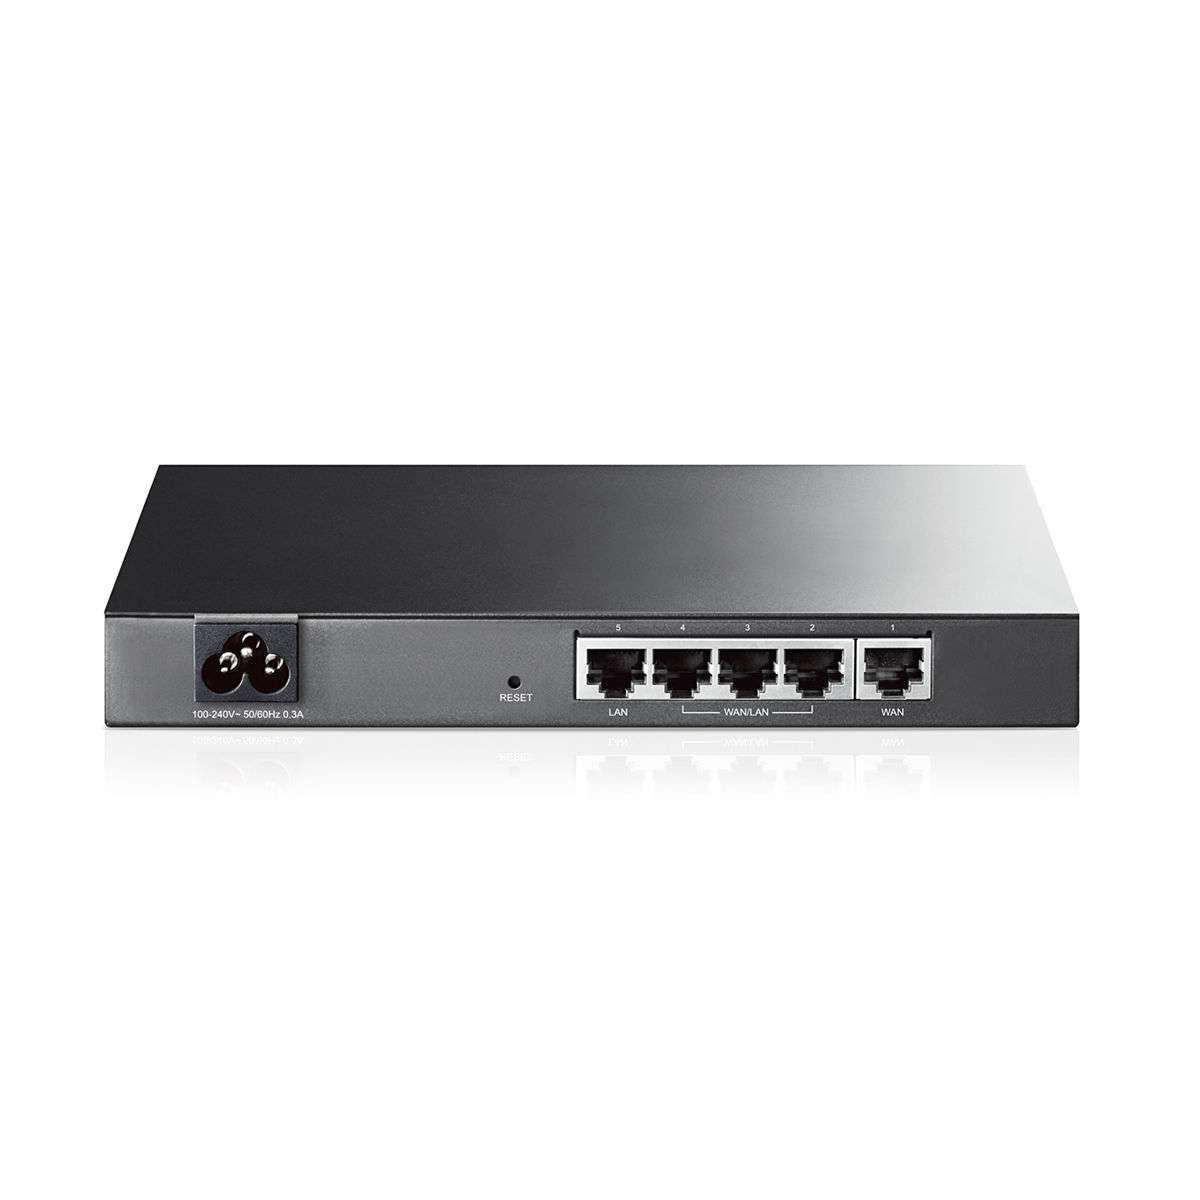 Roteador Load Balance TP-Link TL-R470T+ 10/100Mbps